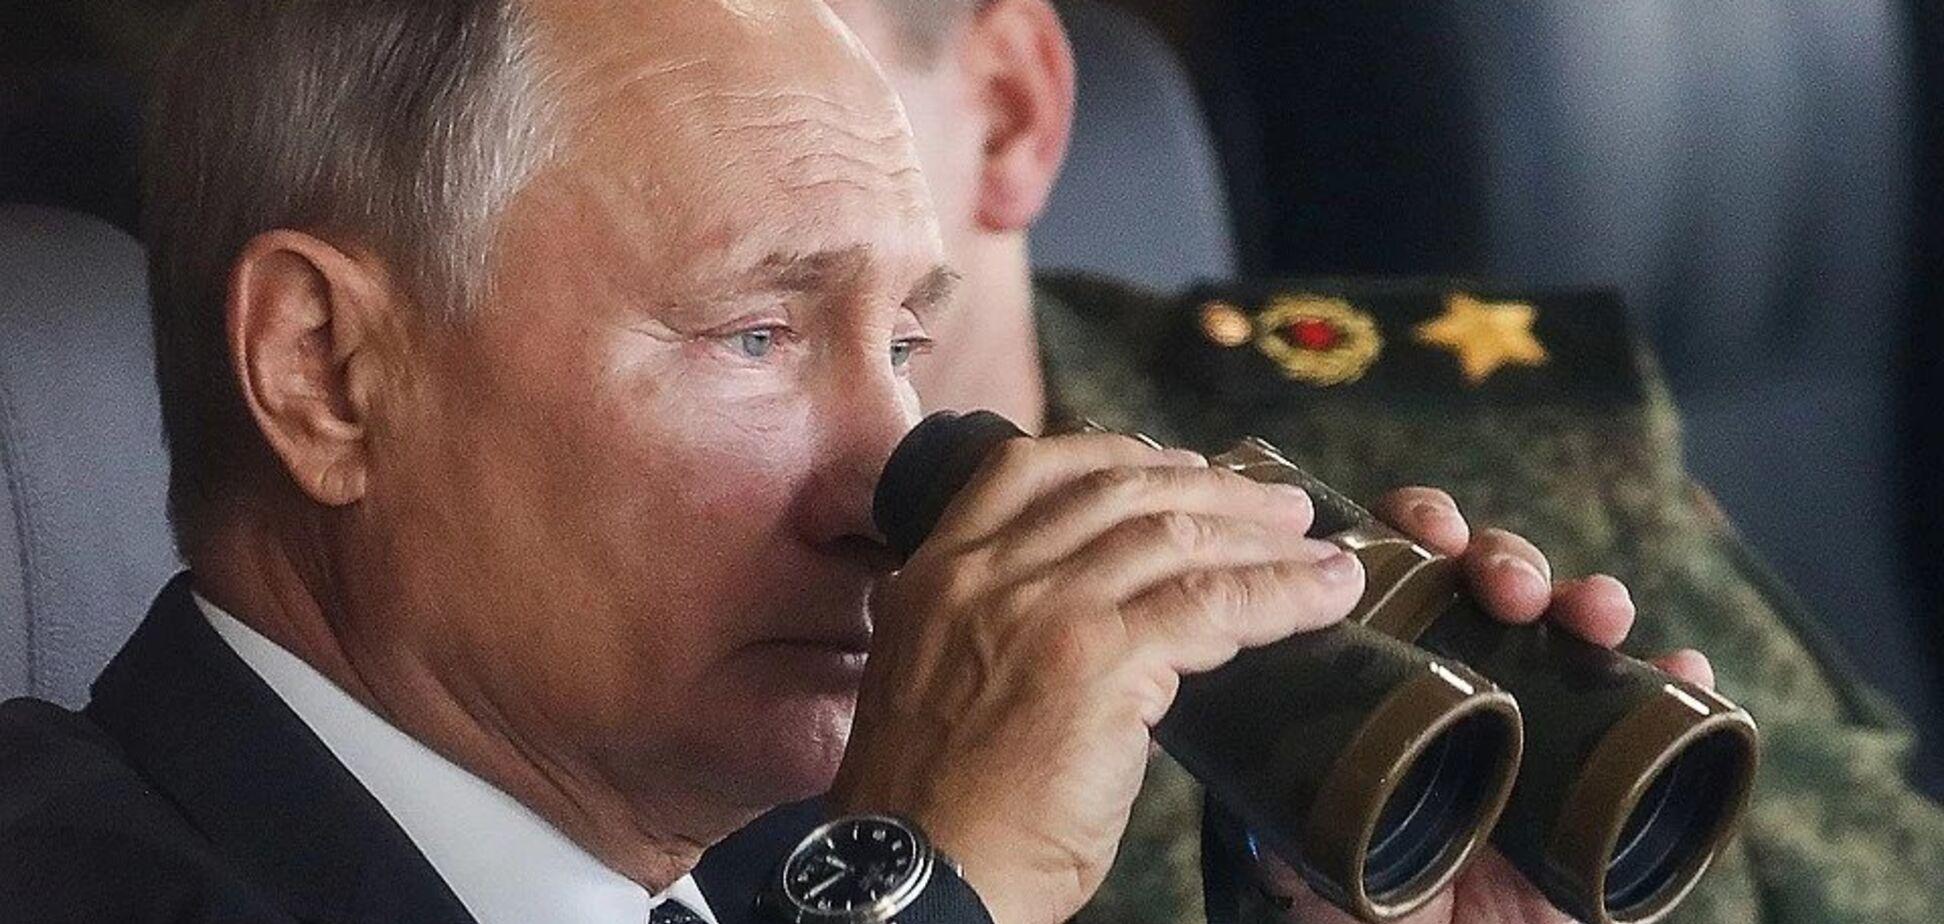 Під ударом чотири міста: Клімкін назвав нову мету Путіна в Україні